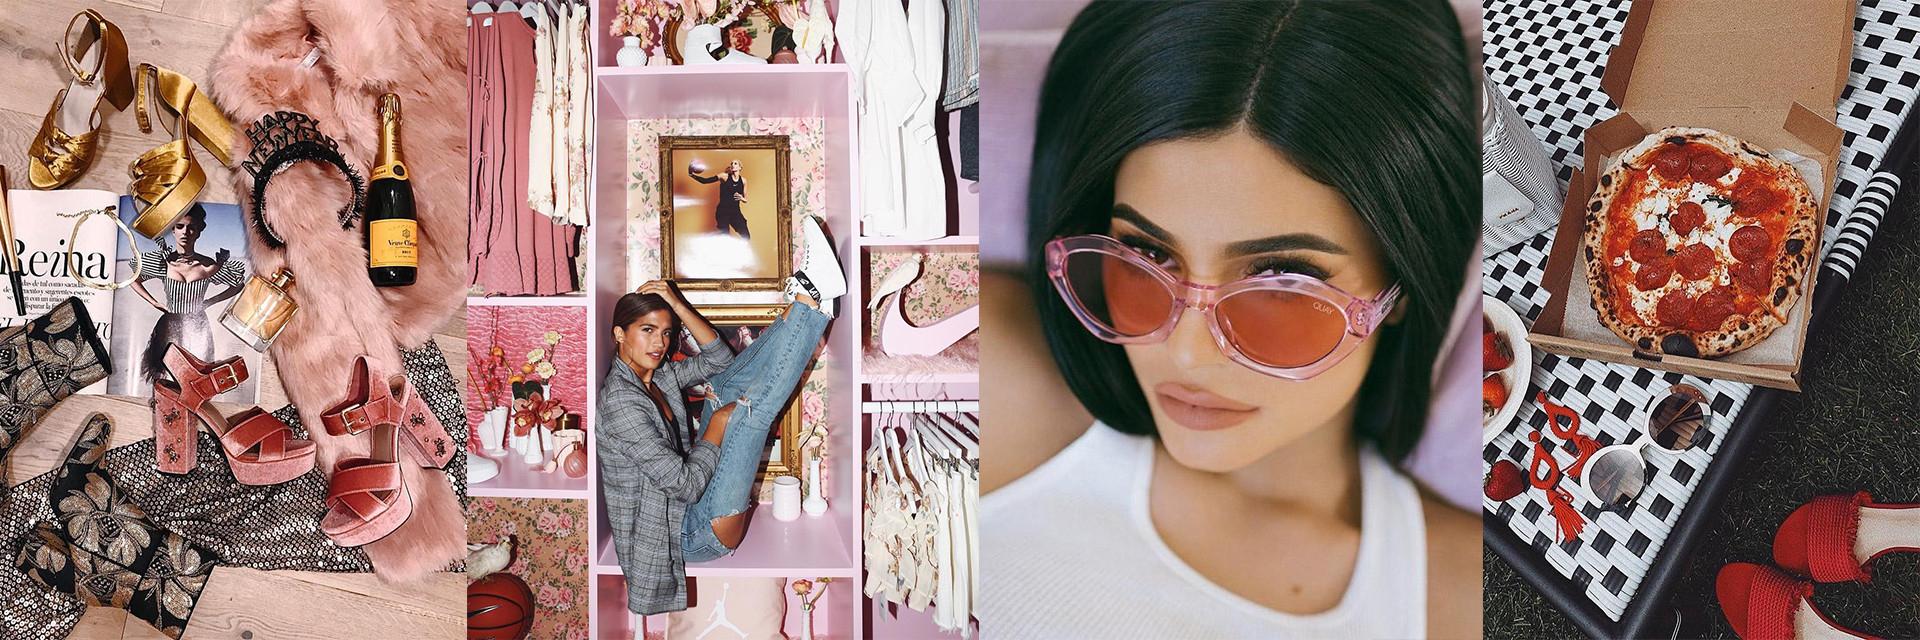 #腦波干擾警告!原來海外 Fashionista 的造型時髦貨都可以在這裡買到?!Gigi Hadid 穿過的我也要穿!